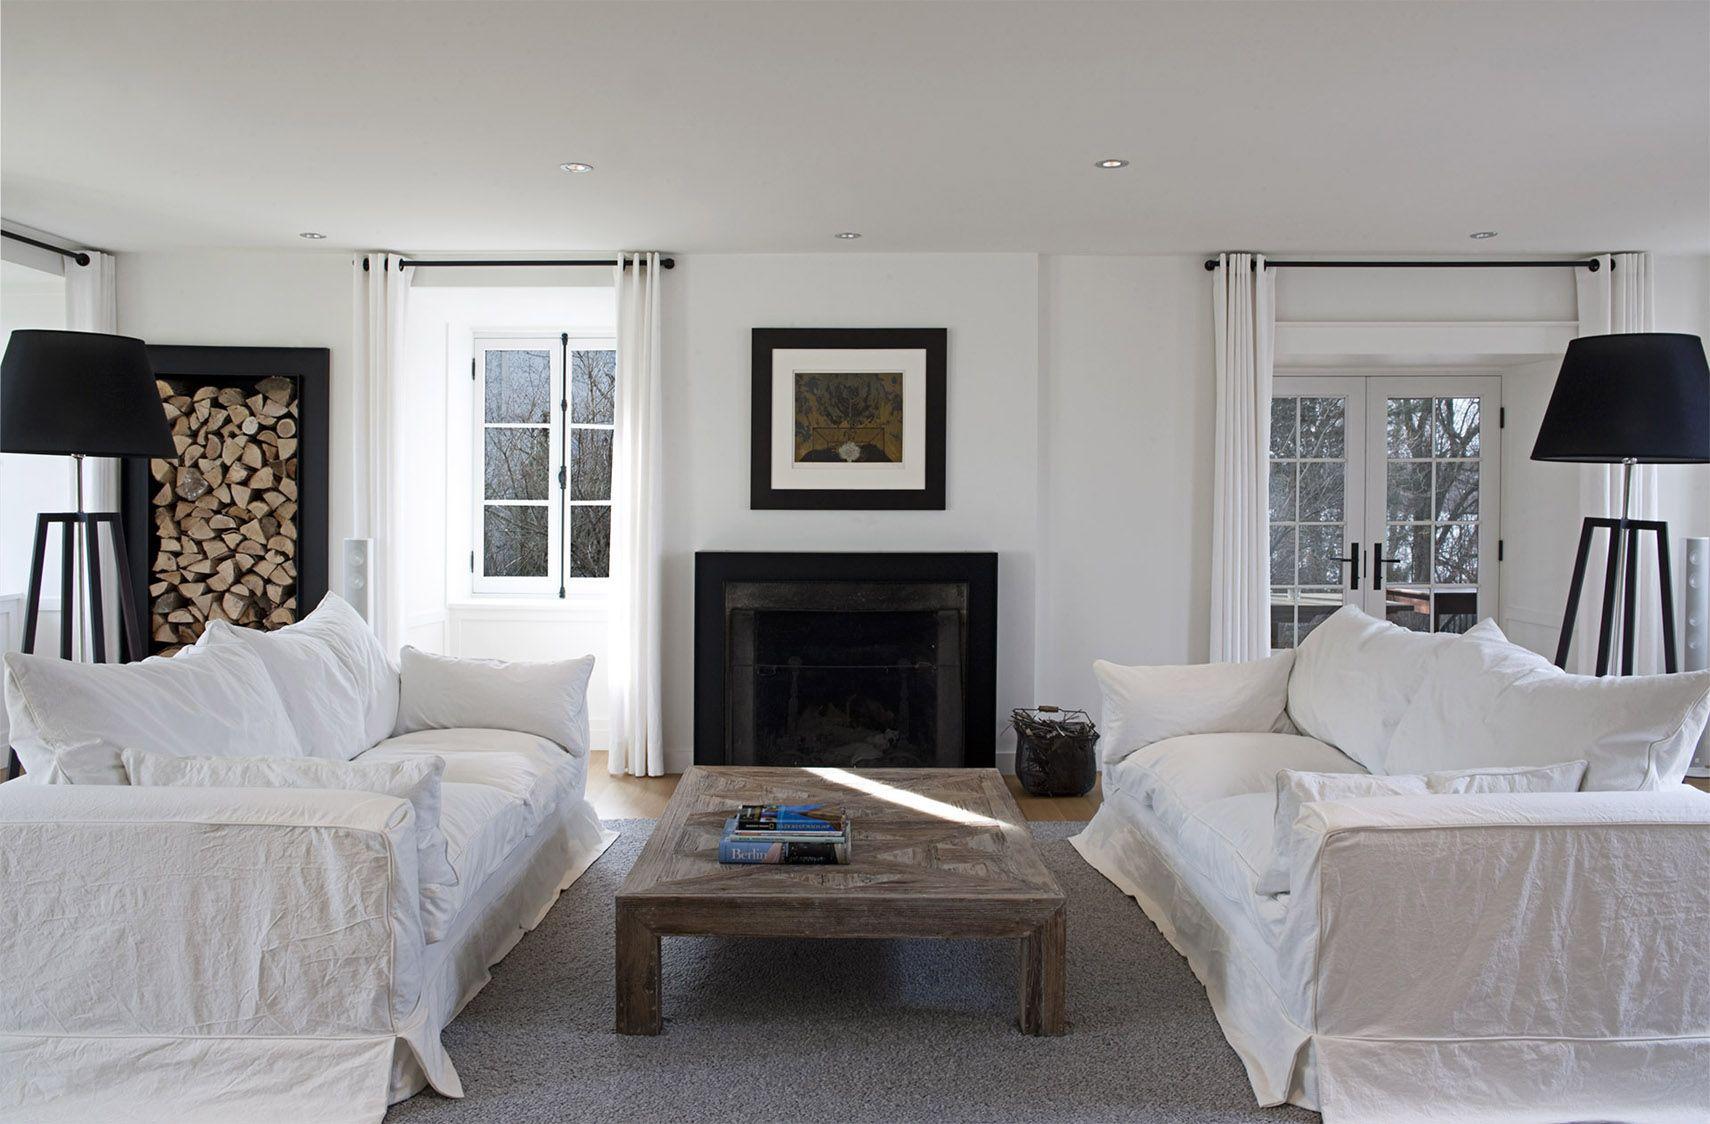 Home interior design picture_16 - Explore Index Design Design Design And More